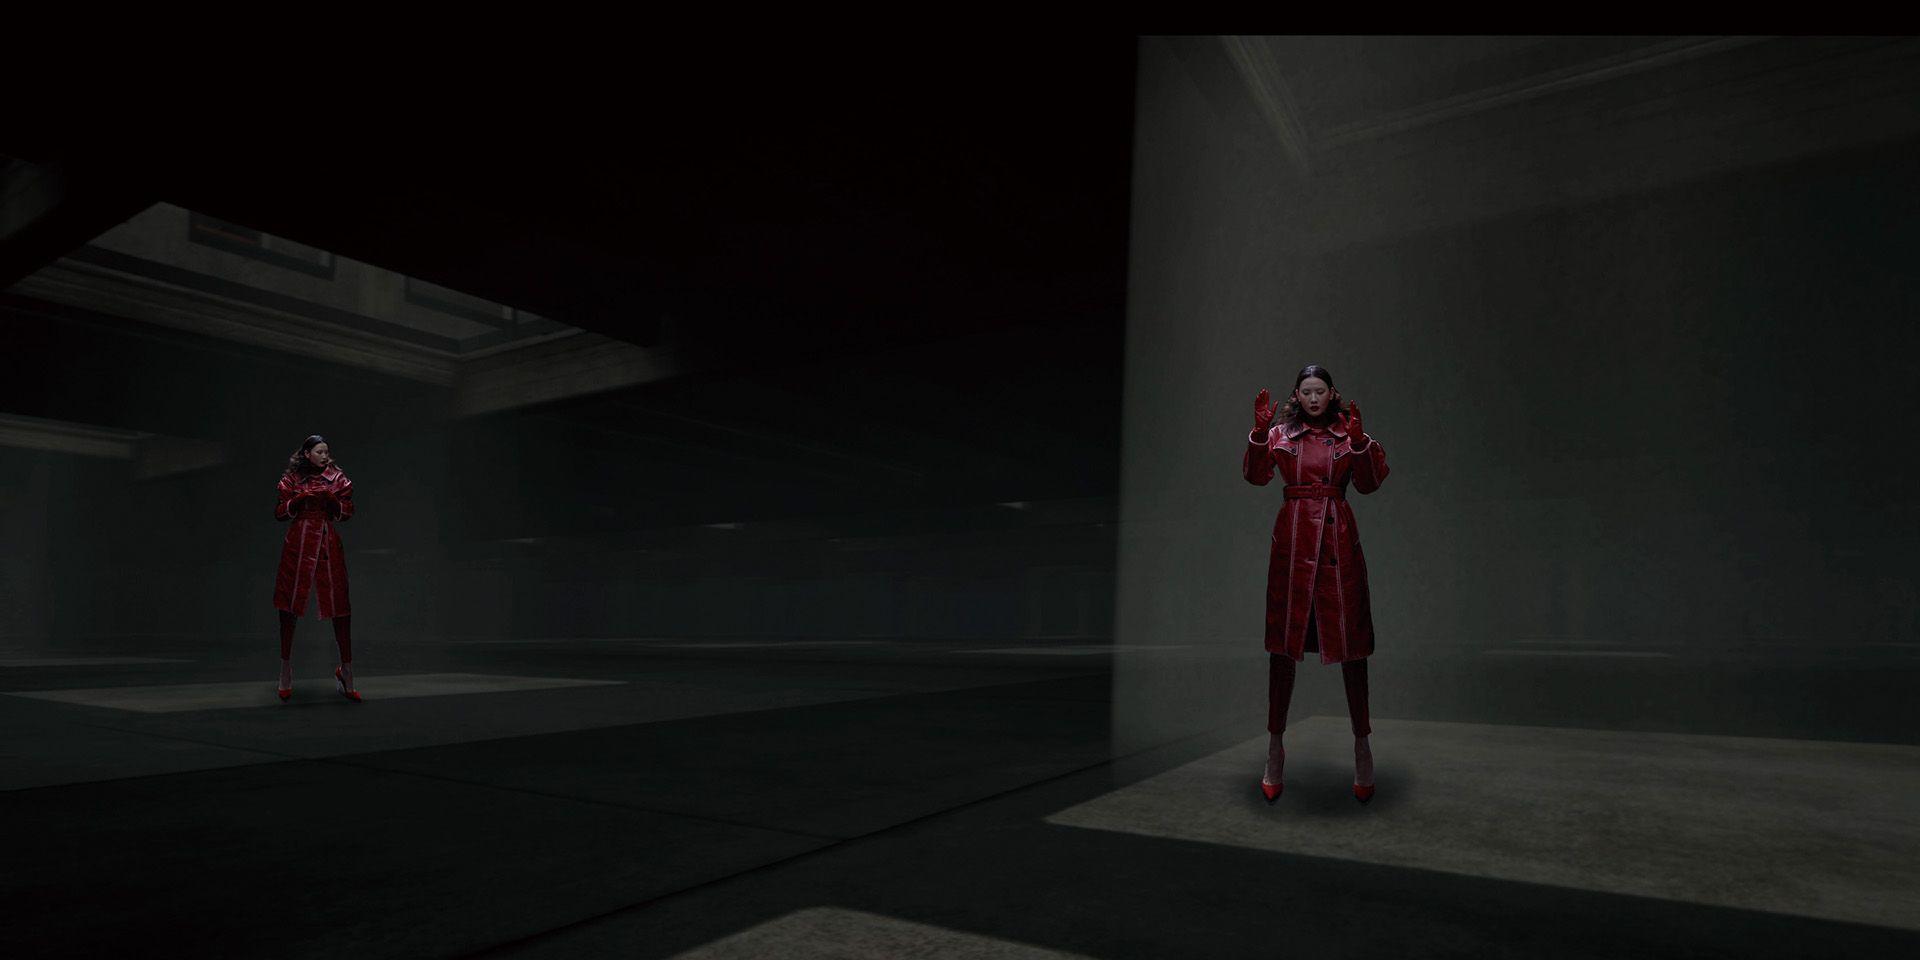 陶亞倫,虛擬實境,白晝之夜,藝術